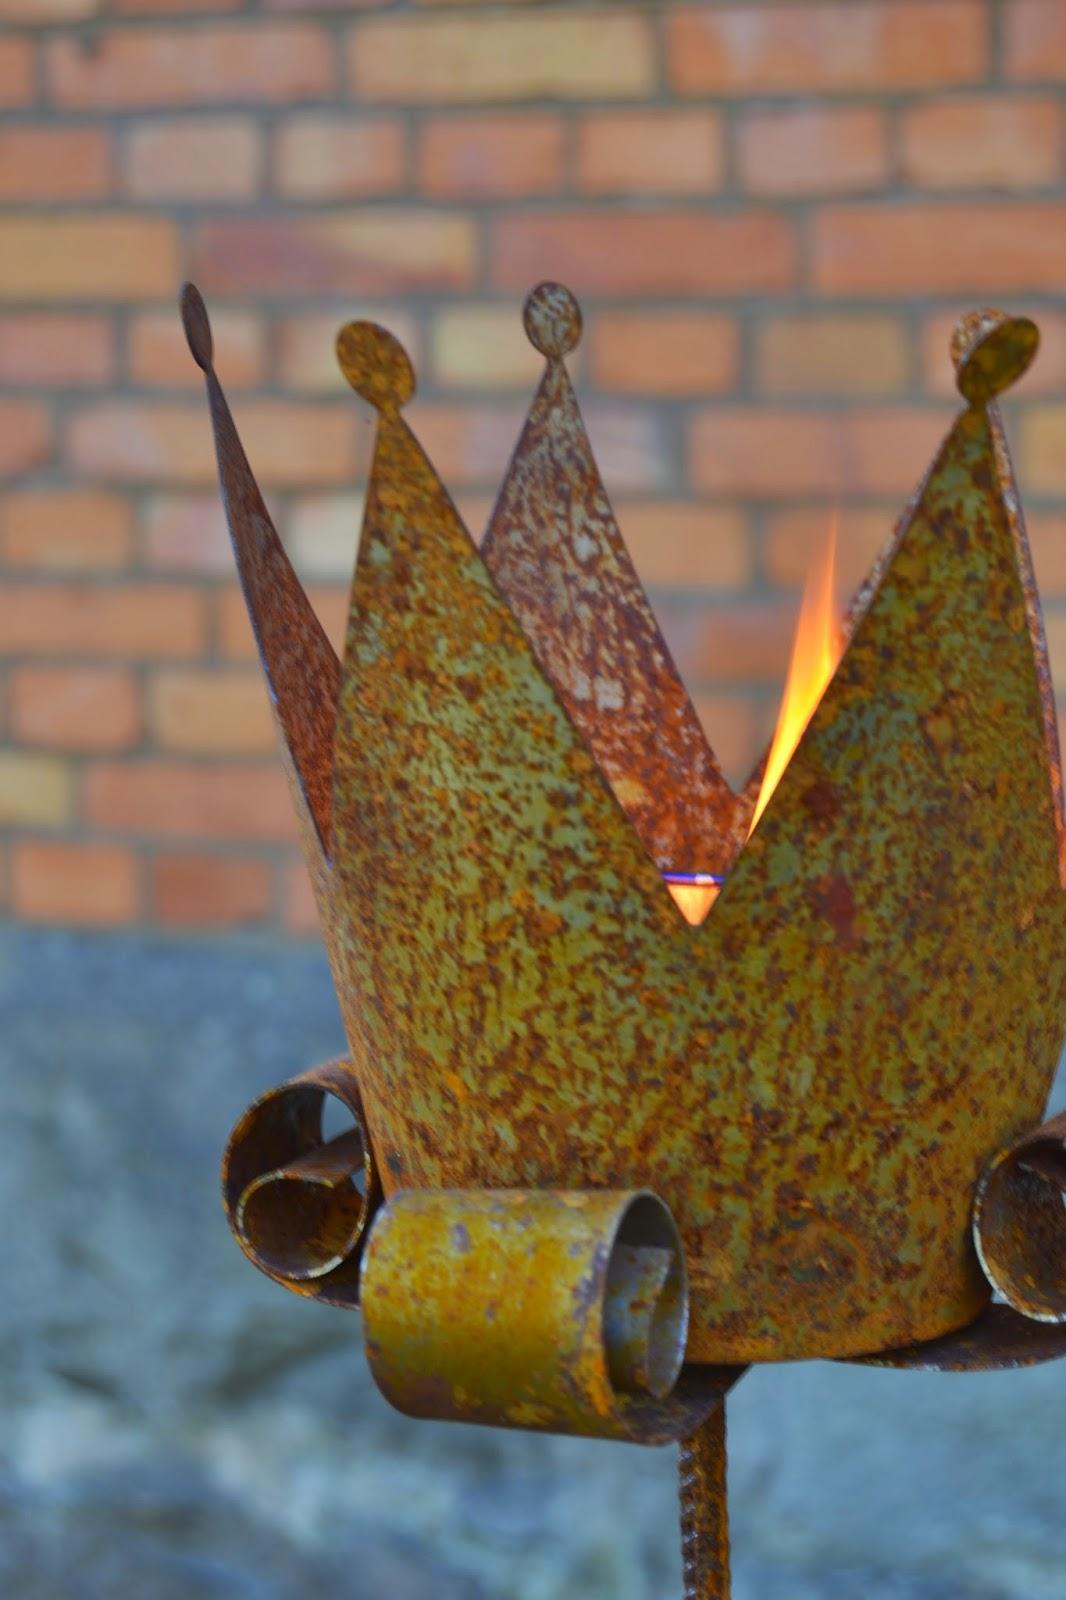 marschallhållare, eldkorg, marschallhållare rosverkstan